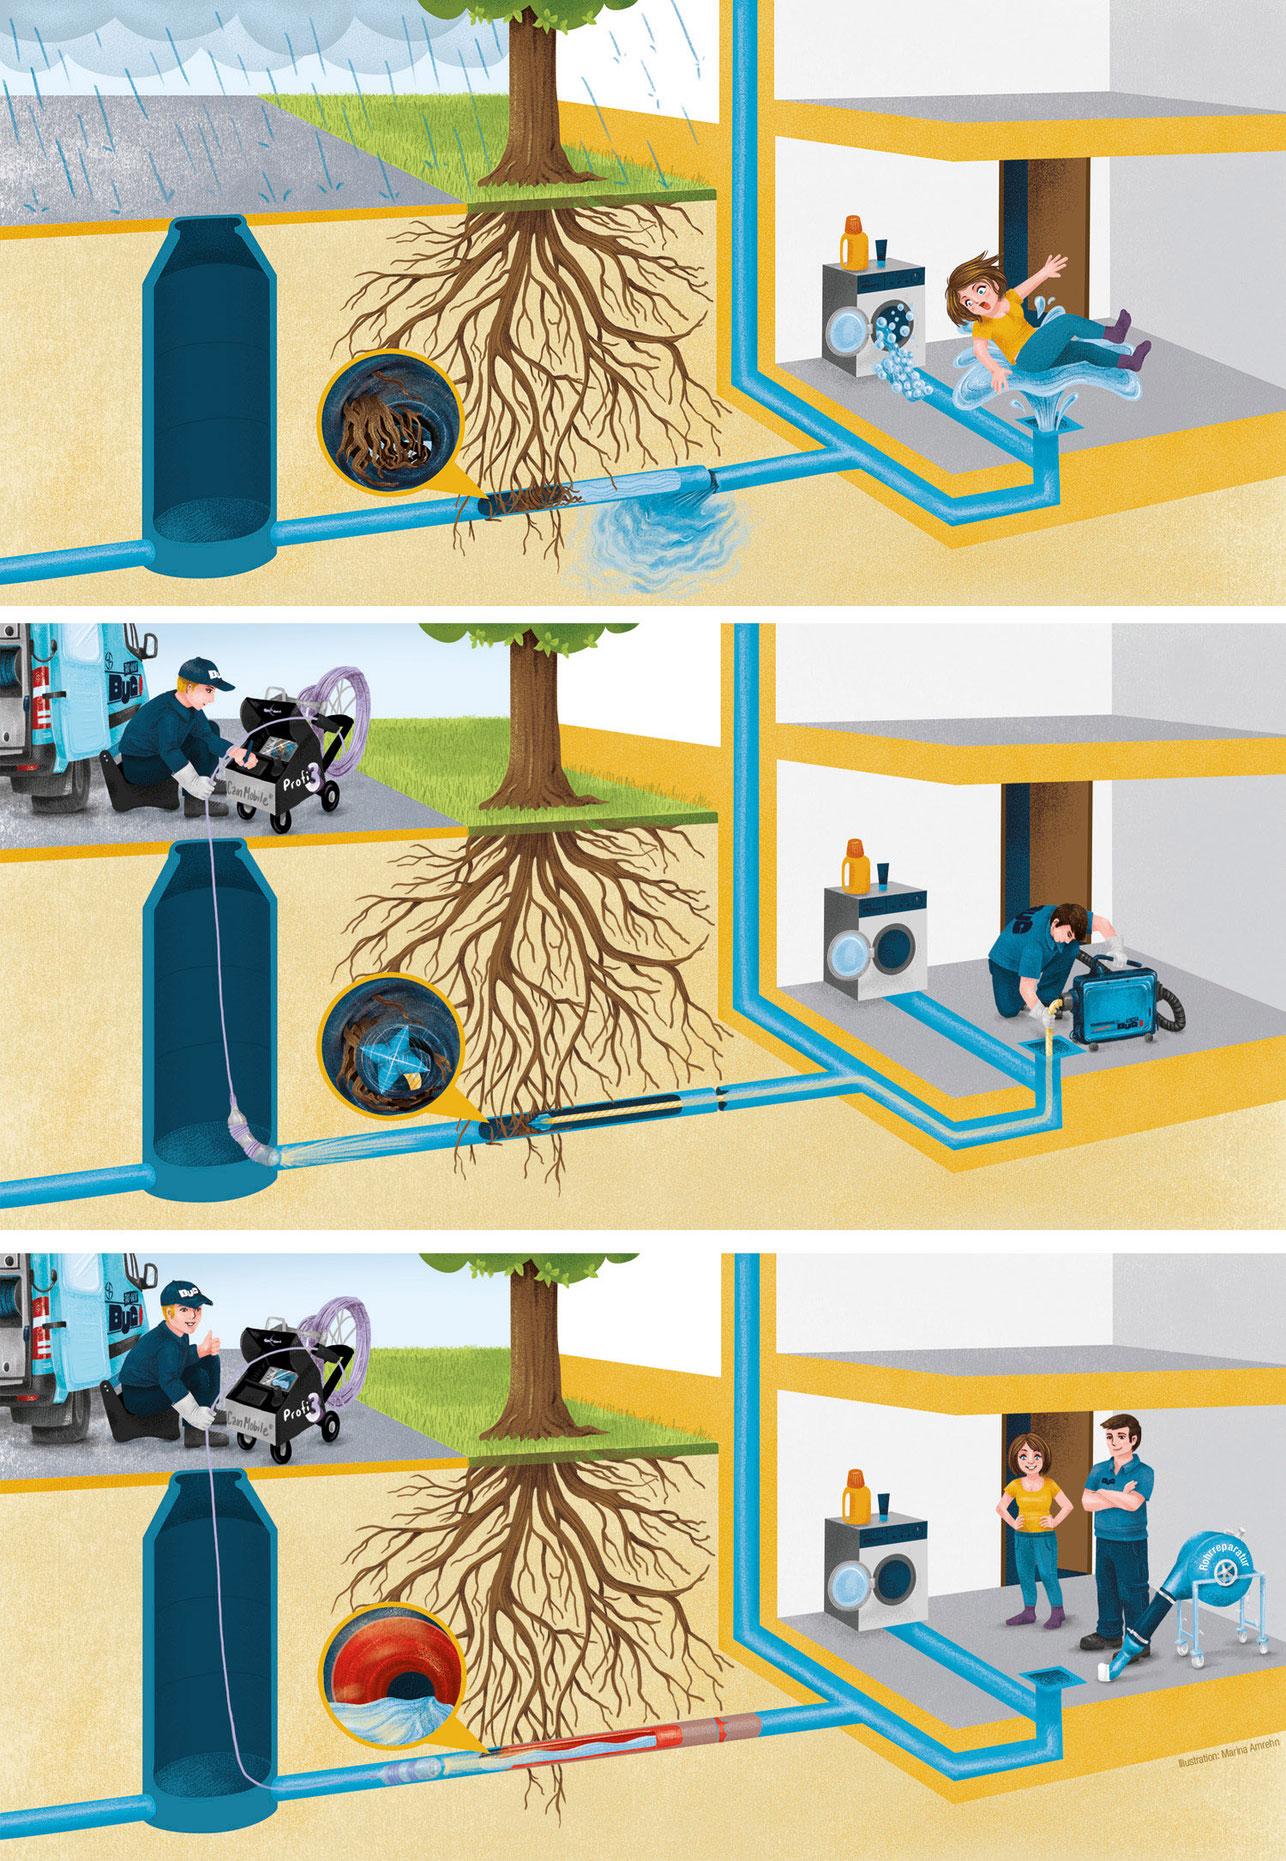 Drei Illustrationen zum Szenario Wasserschadn und dessen Beseitigung durch eine Firma. Marina Schilling.